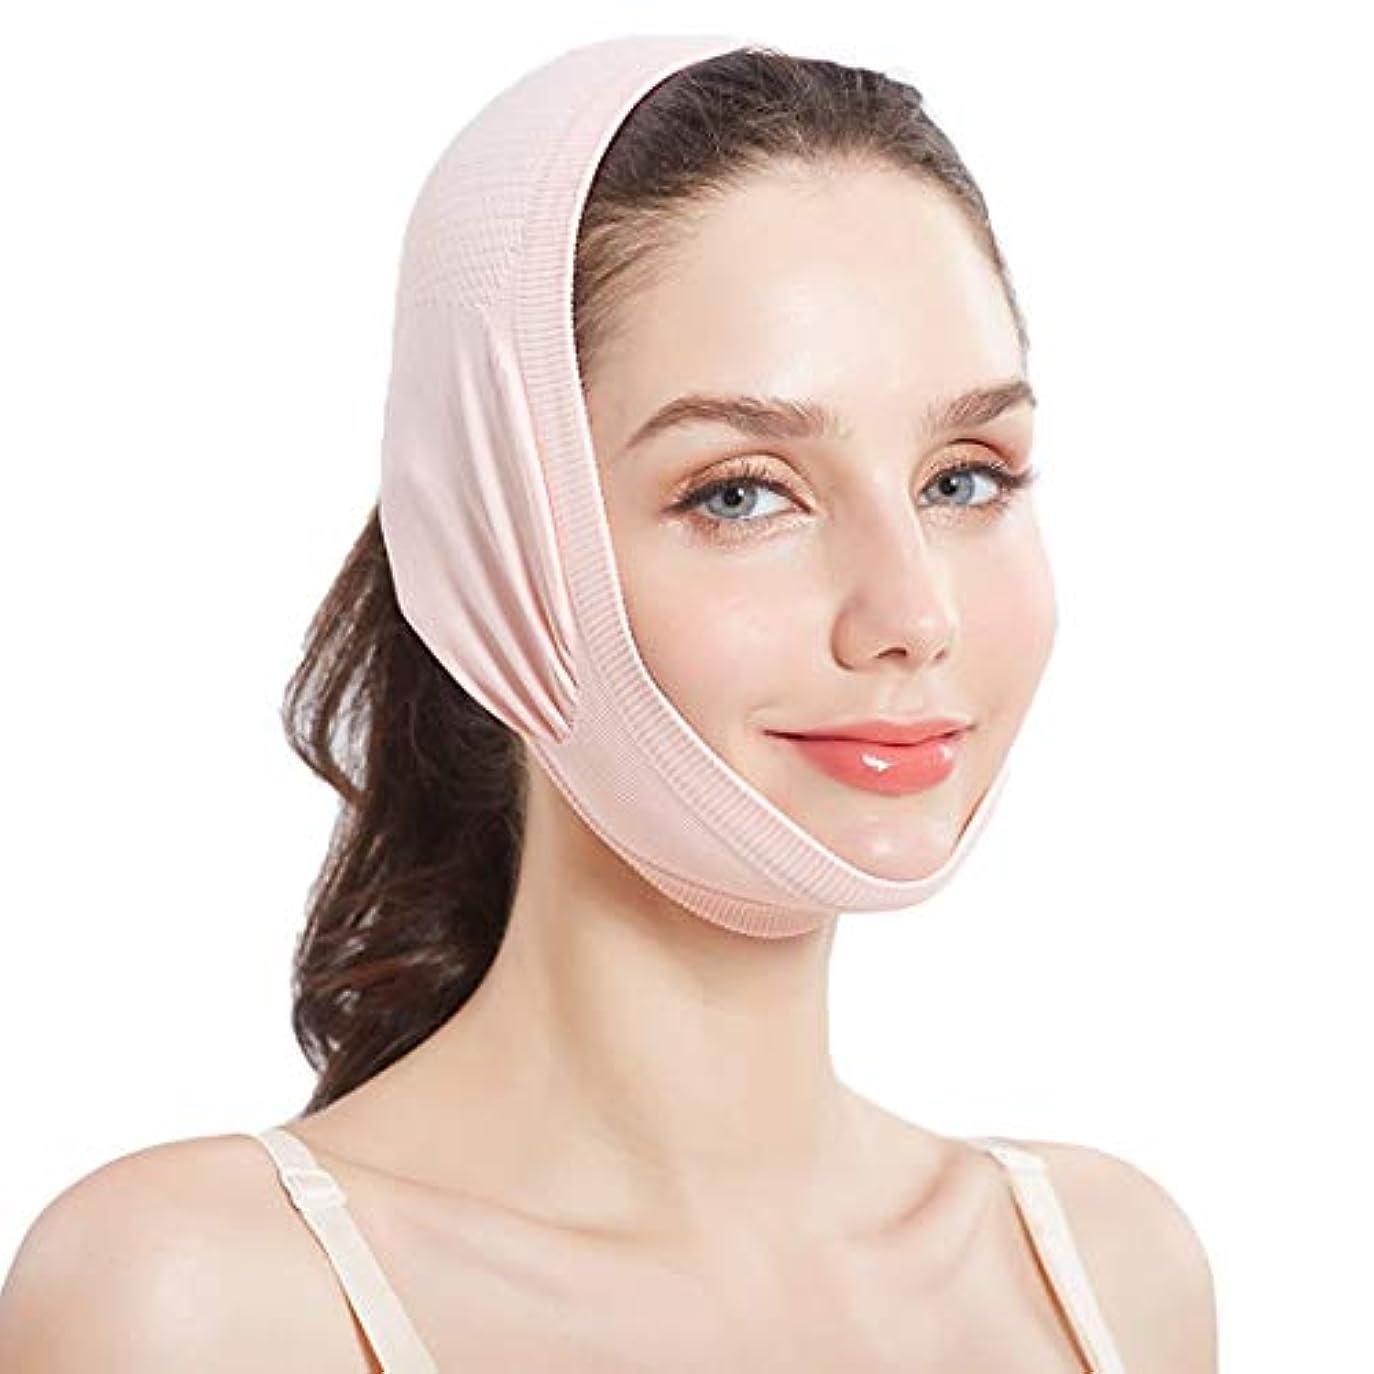 抑制する流体闘争ZWBD フェイスマスク, フェイスリフティング包帯マスクあごV整形マスク美容包帯マスクリフティング引き締めピンクベージュ (Color : Pink)